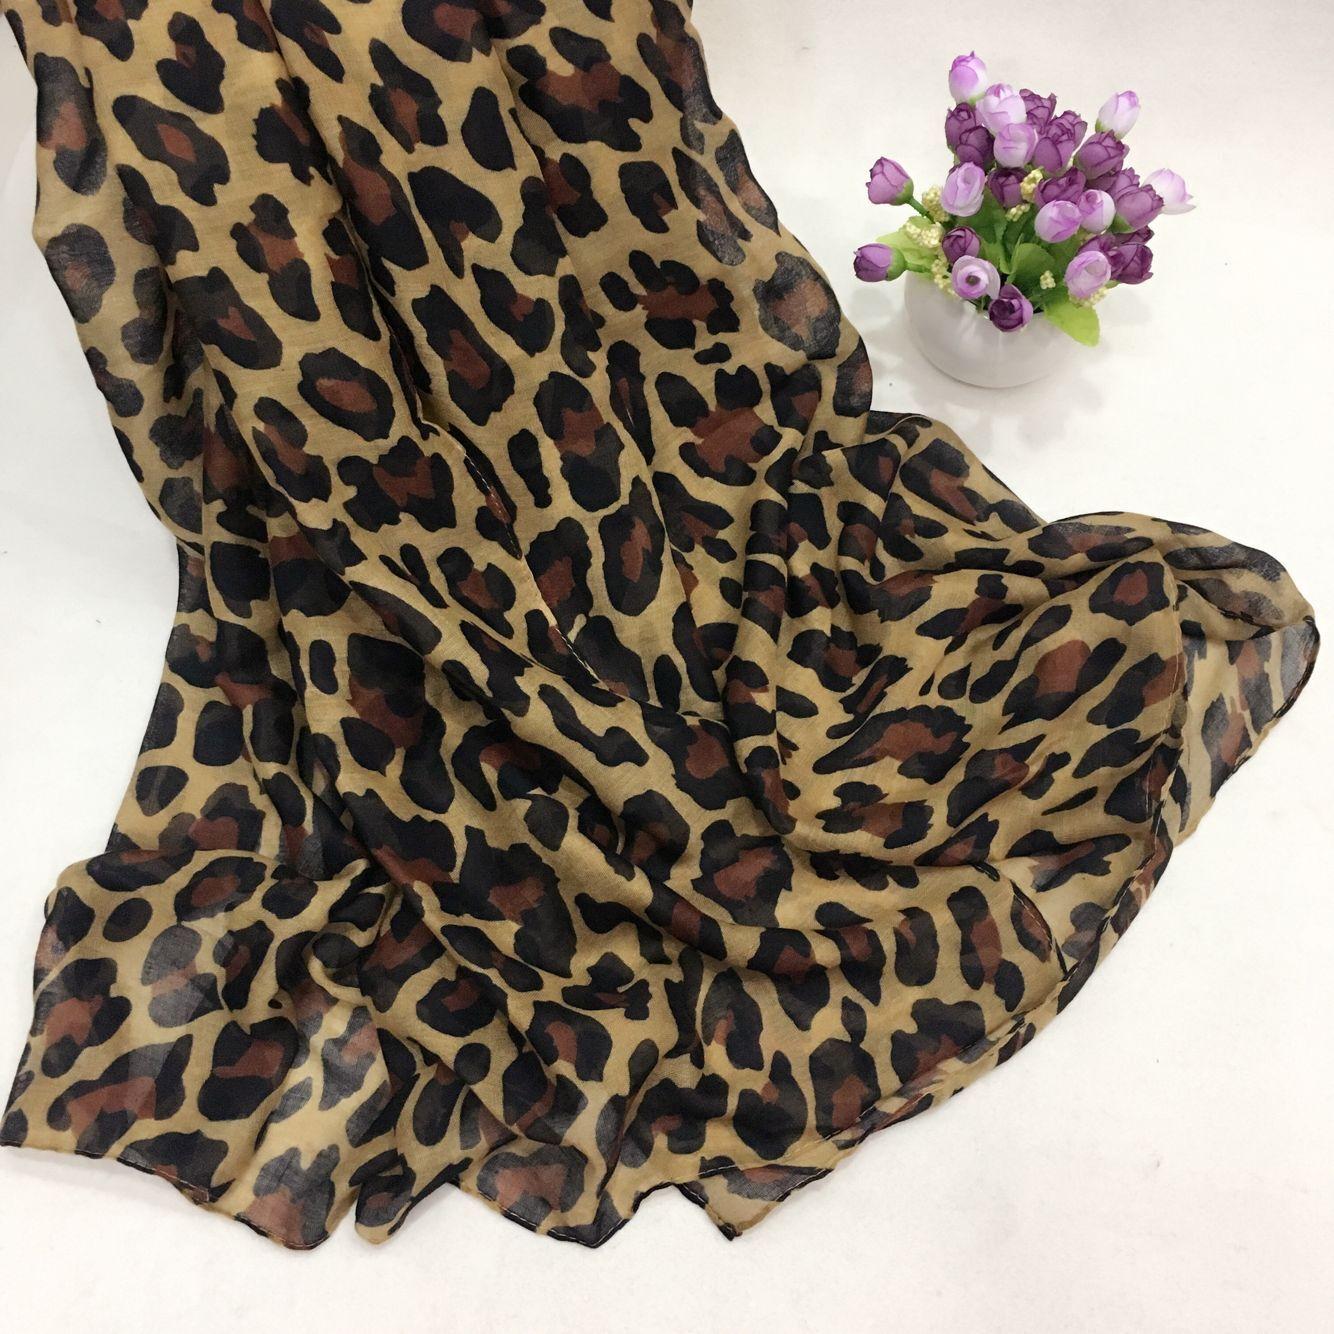 新款豹纹巴厘纱围巾②